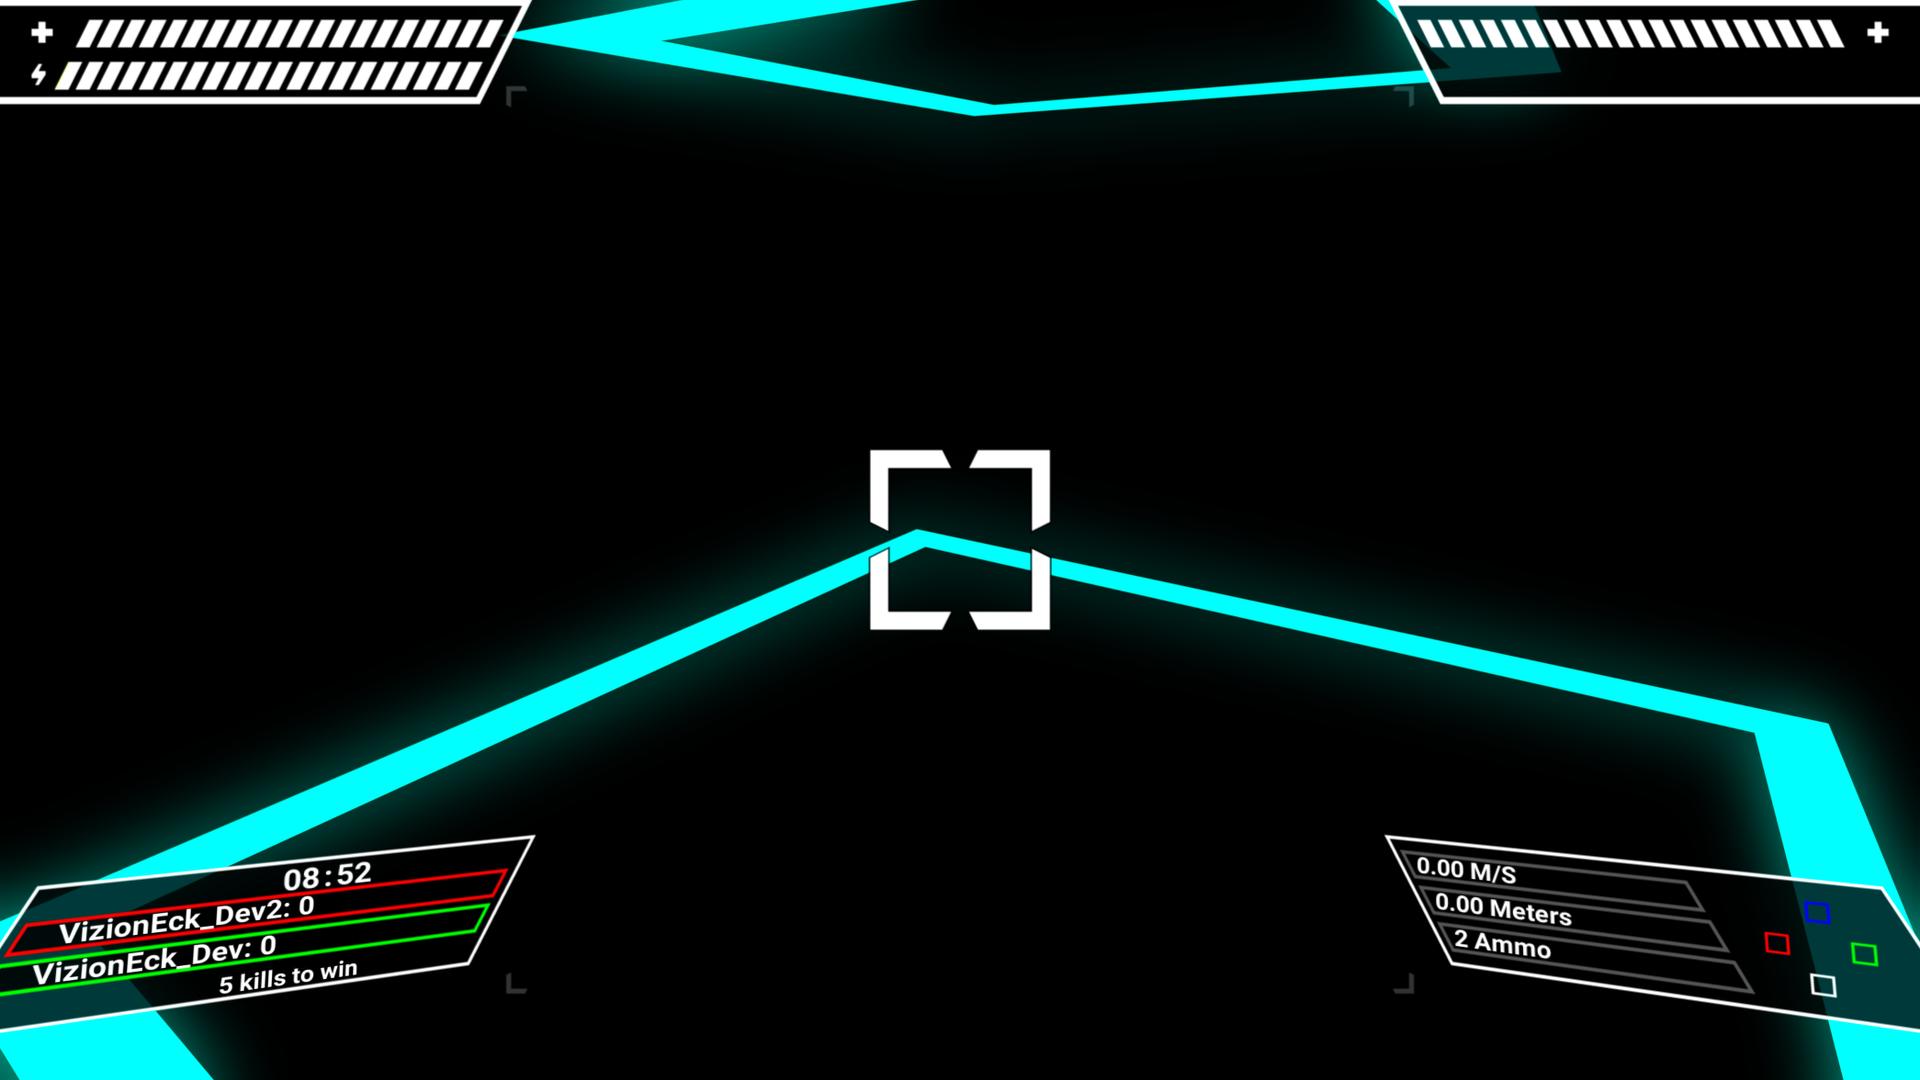 Screenshot Of Vizioneck S Hud In Game